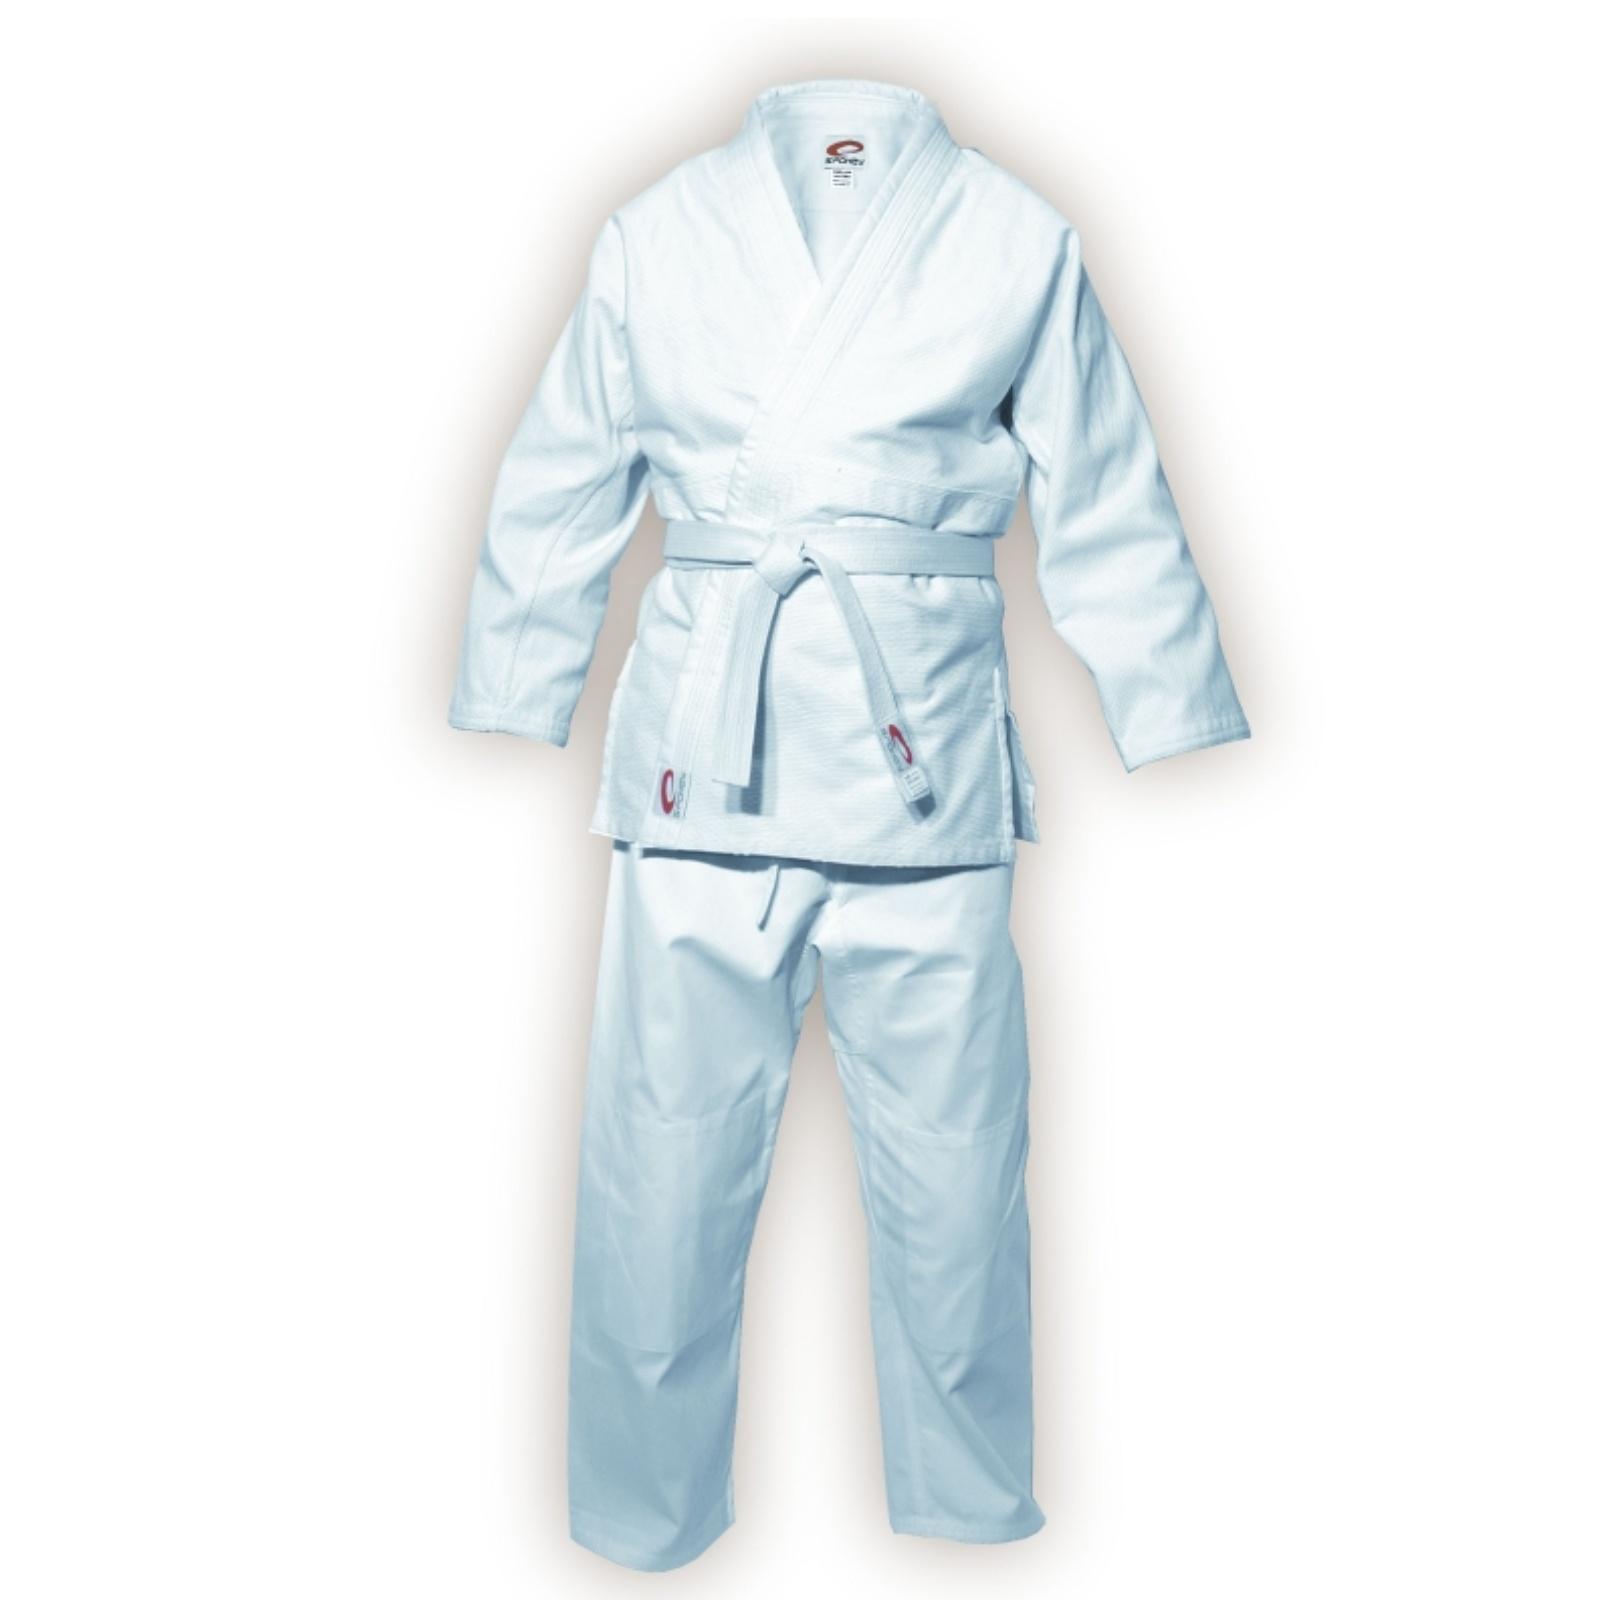 Kimono Judo TAMASHI biele